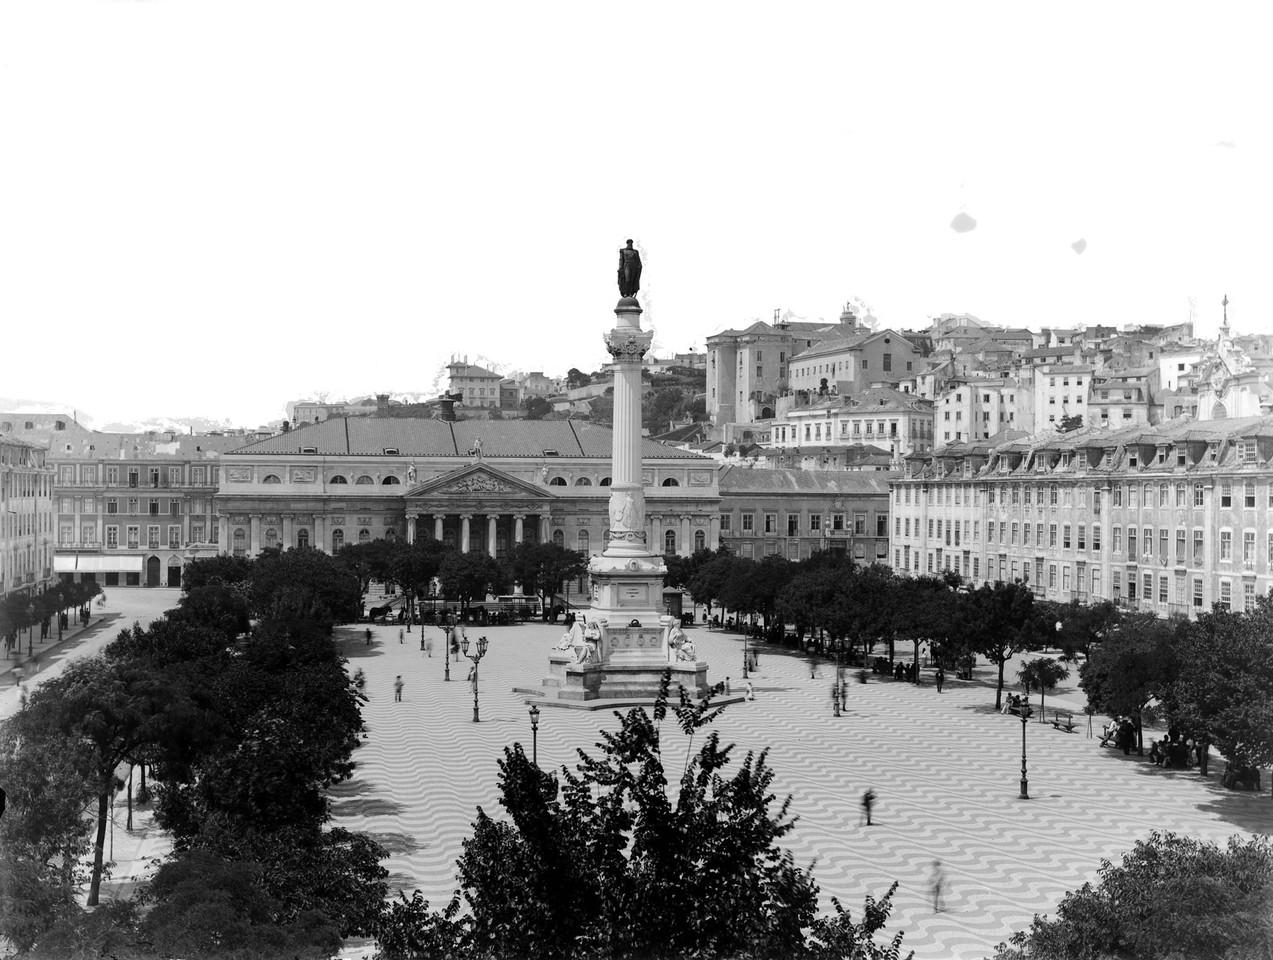 Estátua de Dom Pedro IV, post. 1880, foto de Lega